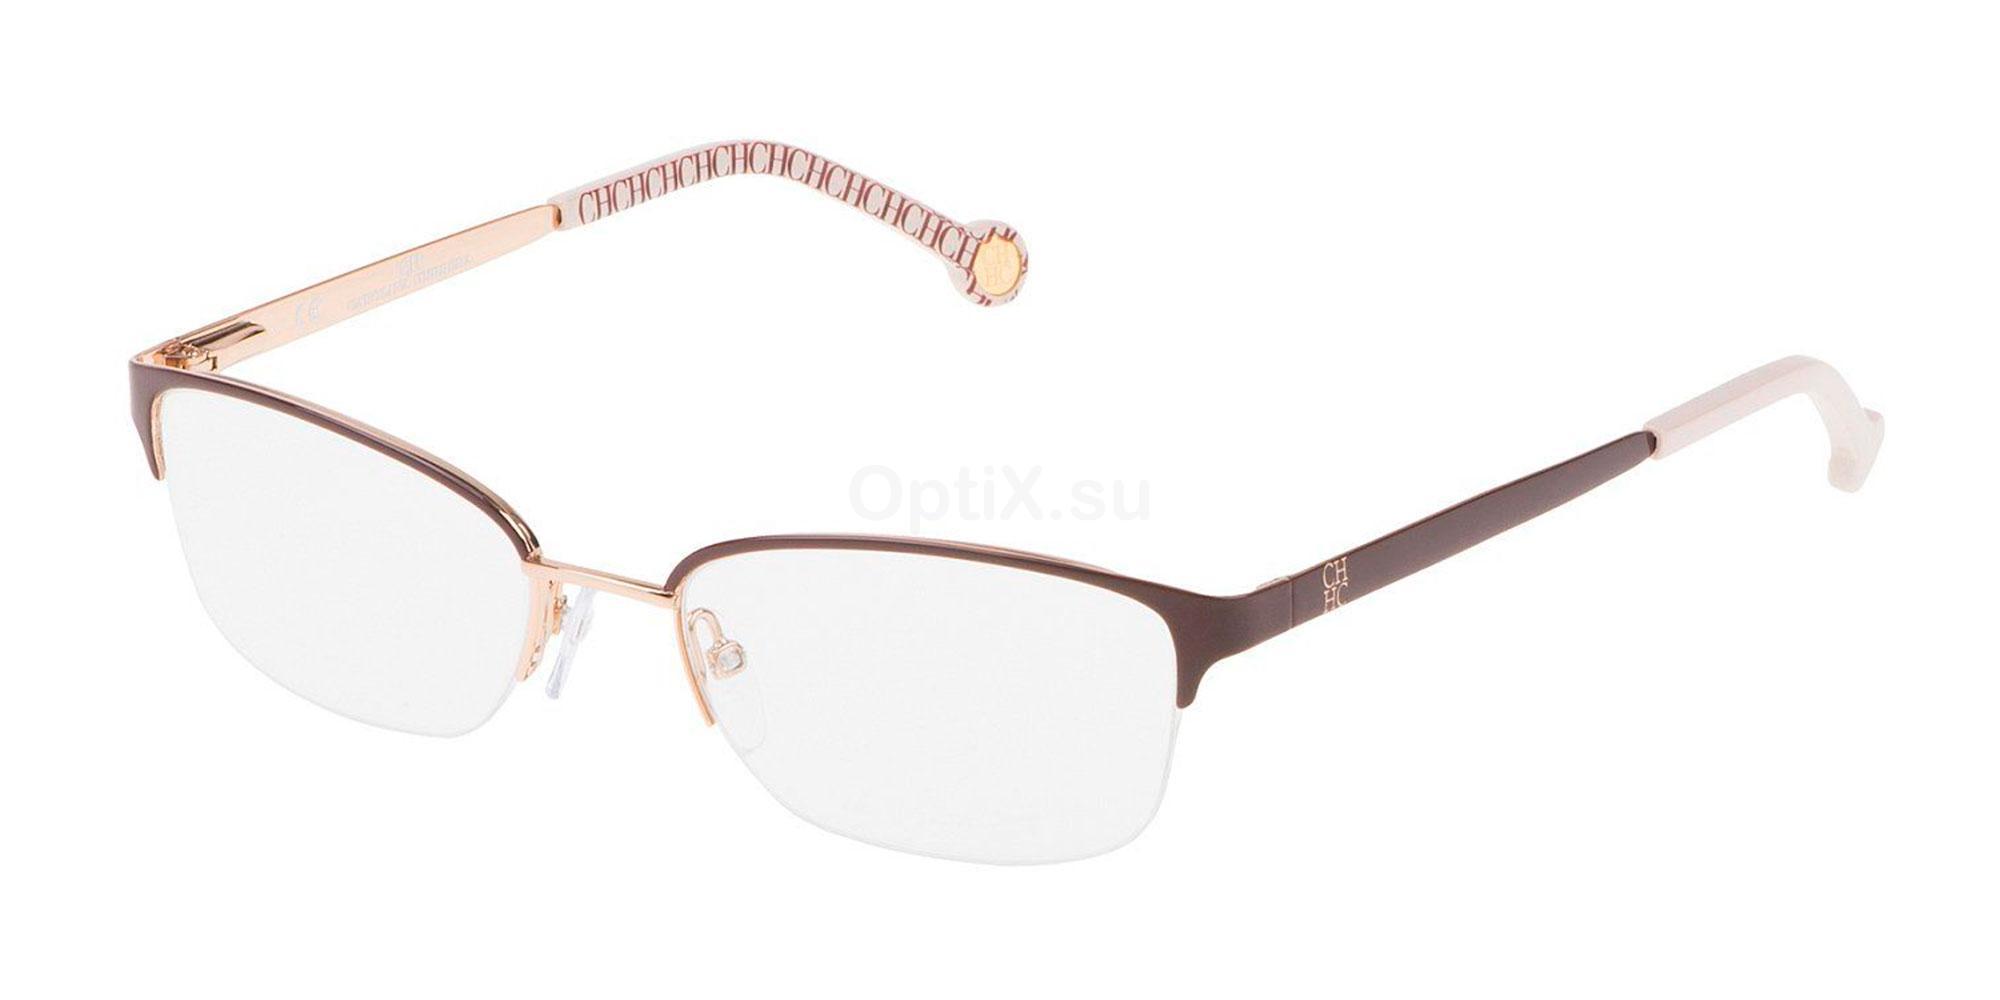 0A93 VHE061N Glasses, CH Carolina Herrera